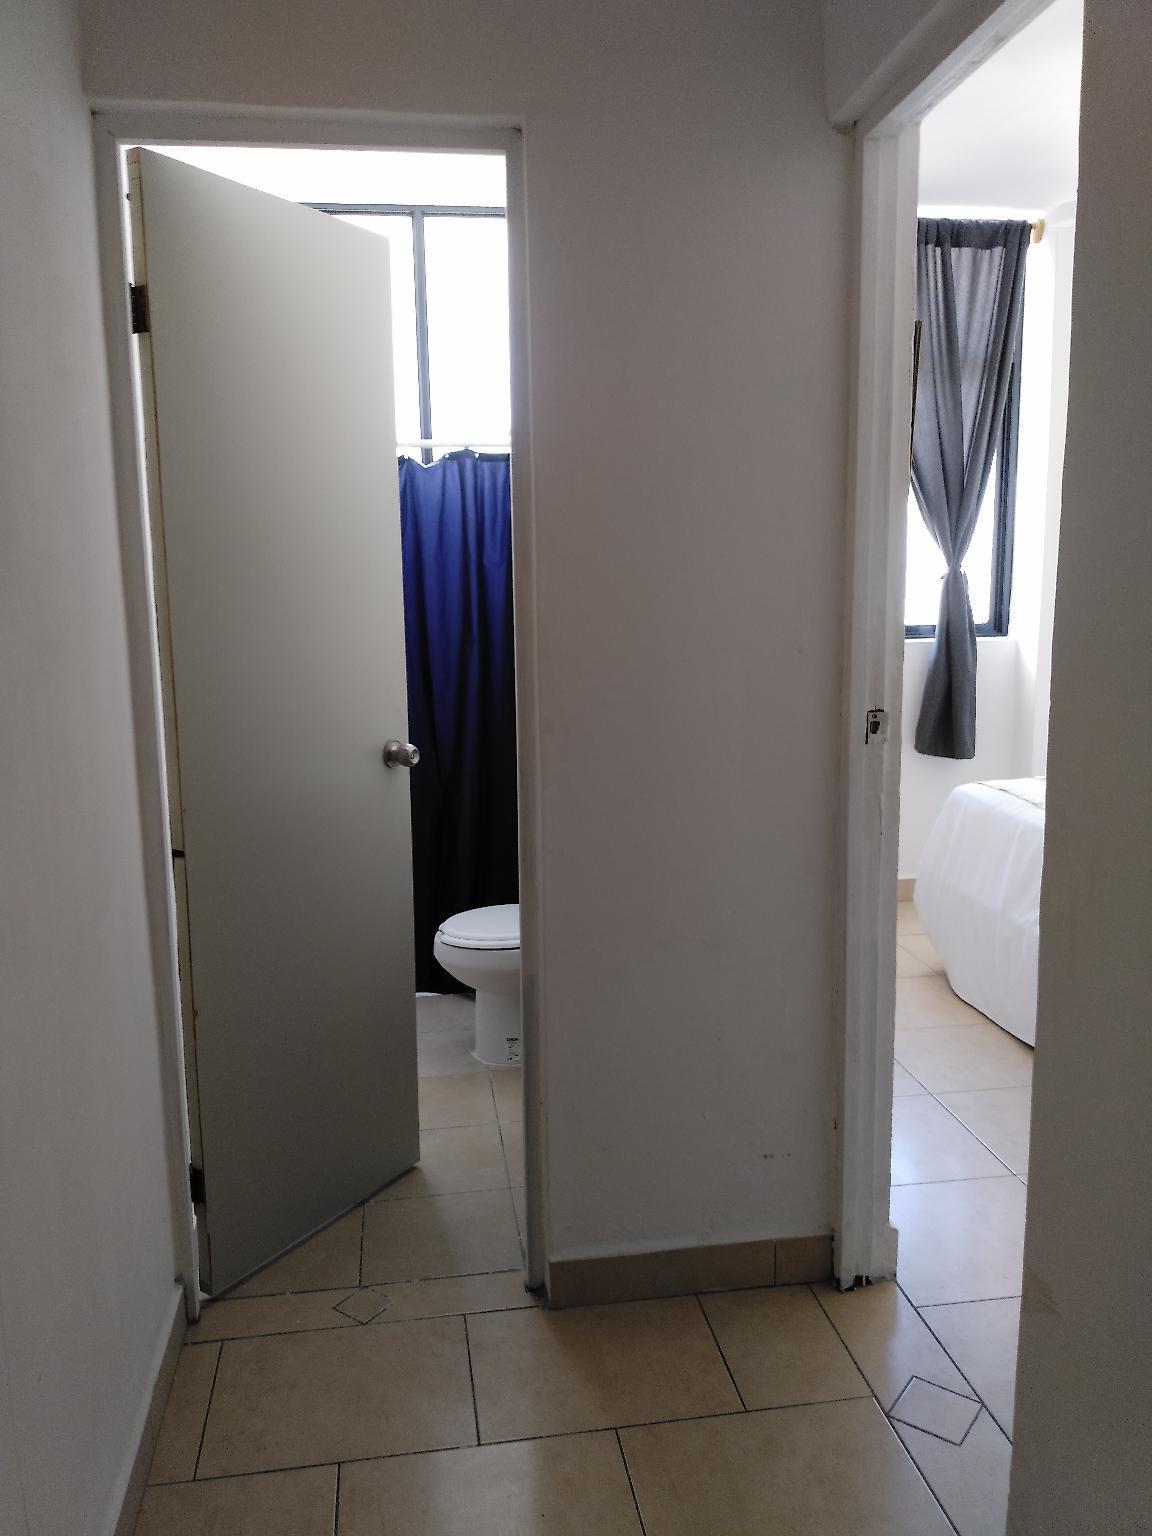 Tropicus 18 Romantic Zone Suite Room with Balcony